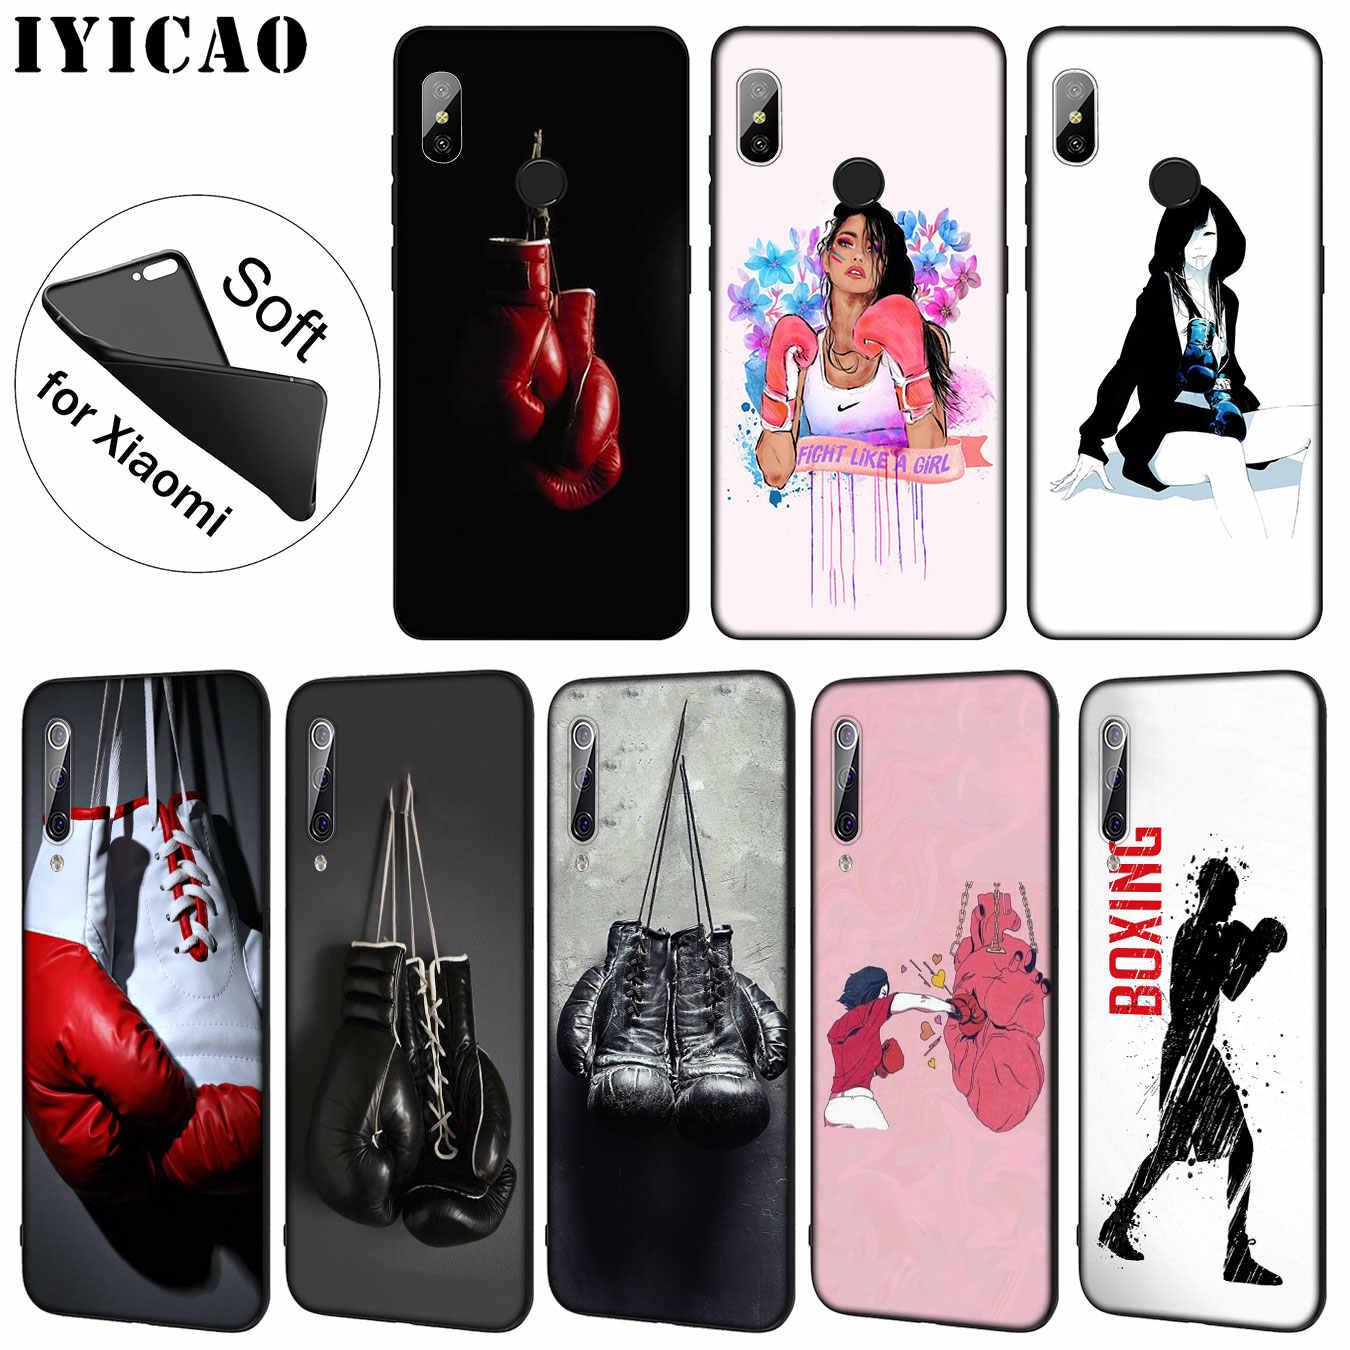 Iyicao dos desenhos animados luvas de boxe menina padrão tpu macio caso telefone para xiao mi 9 se 9 t cc9 cc9e 8 a3 pro a1 a2 lite f1 max 3